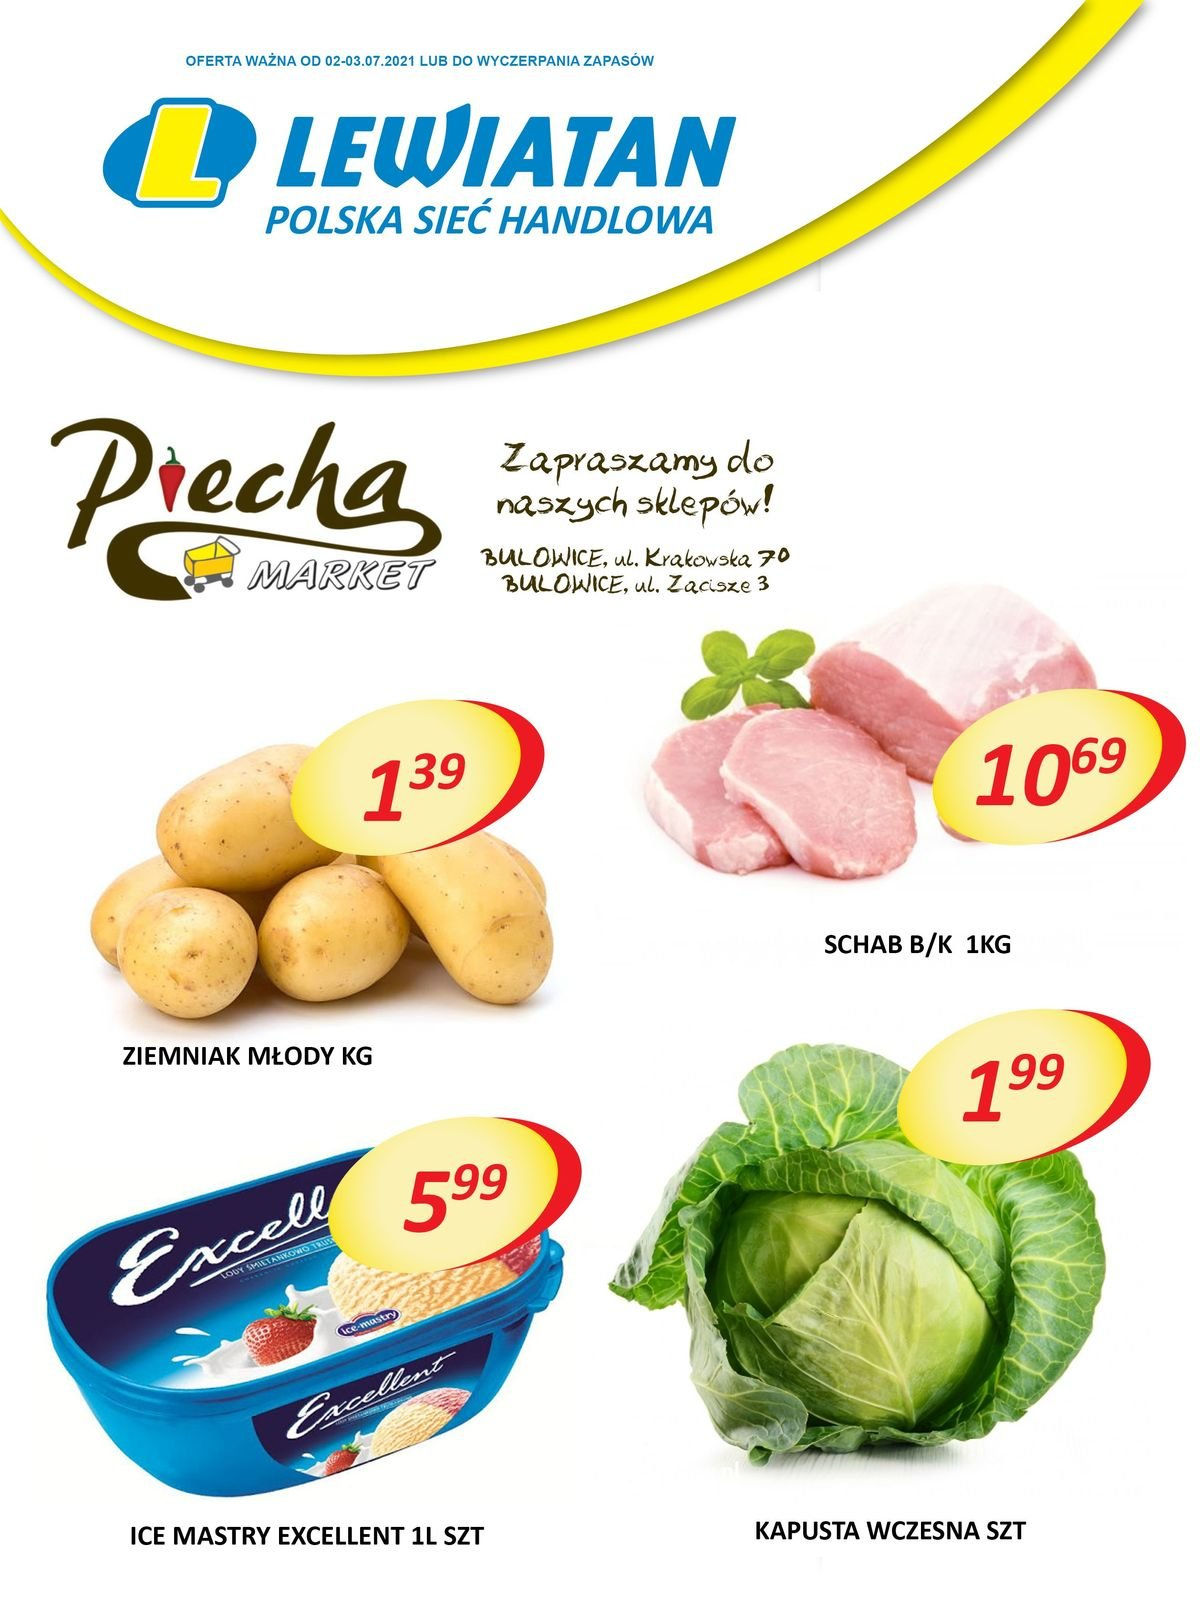 Lewiatan Piecha Market w Bulowicach. Promocje 2-3 lipca